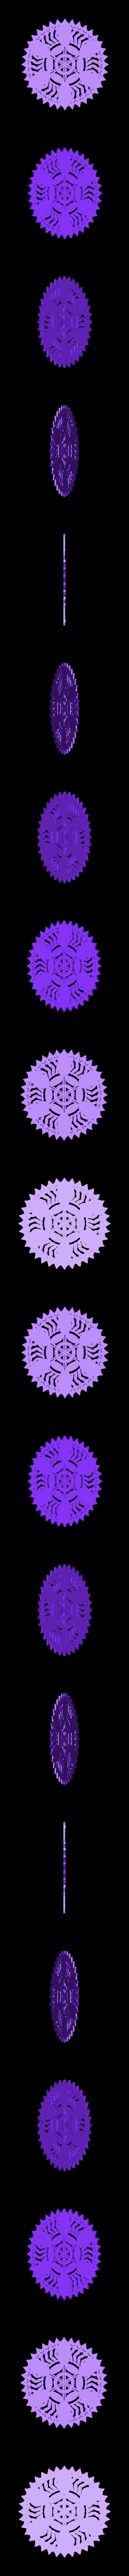 Adabdb0b 428b 4883 8b86 82d59188b214